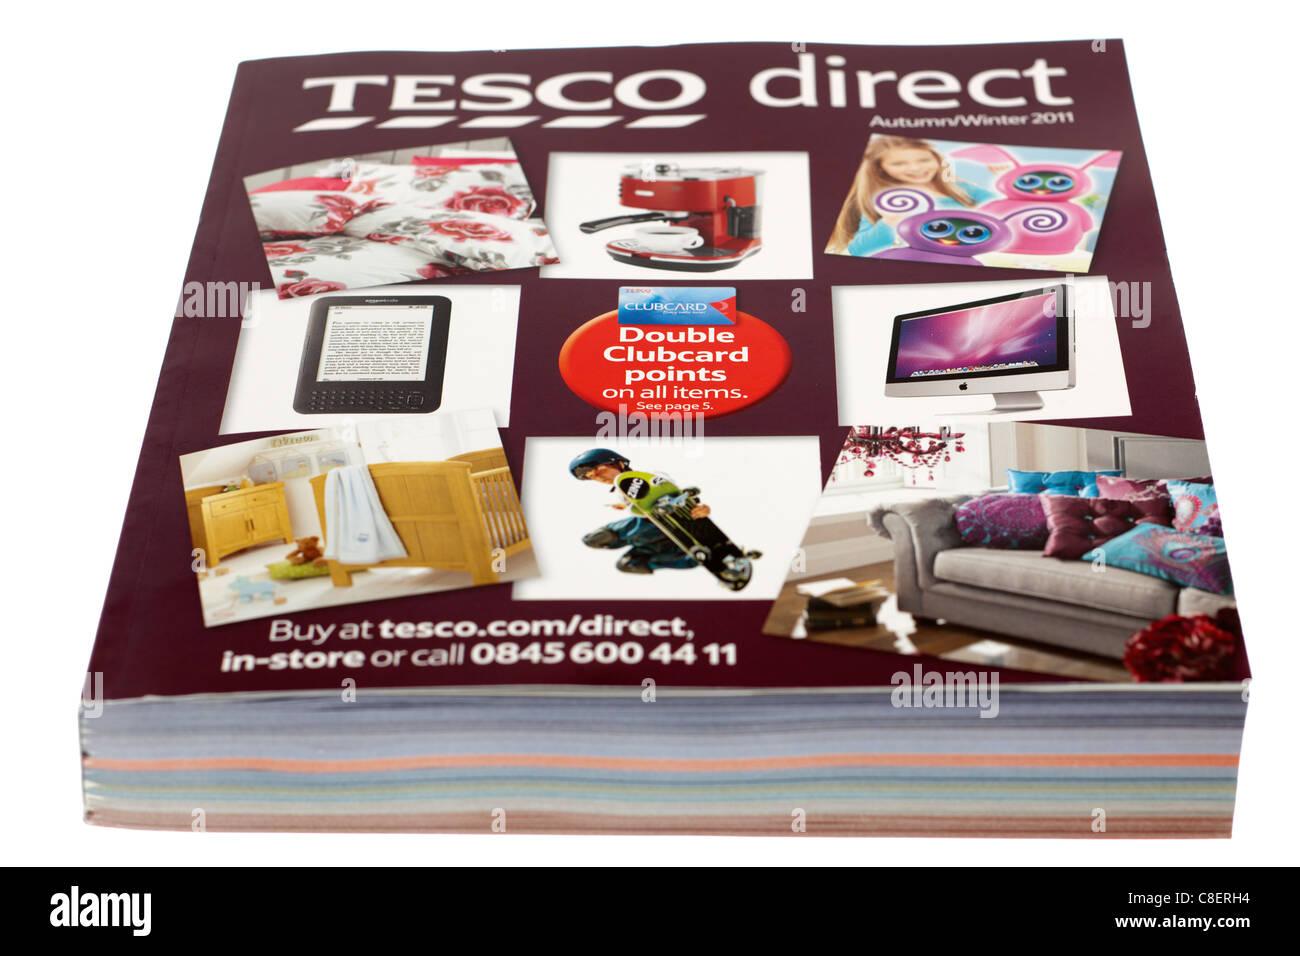 Tesco catalogo diretta per l'Autunno Inverno 2011 Immagini Stock